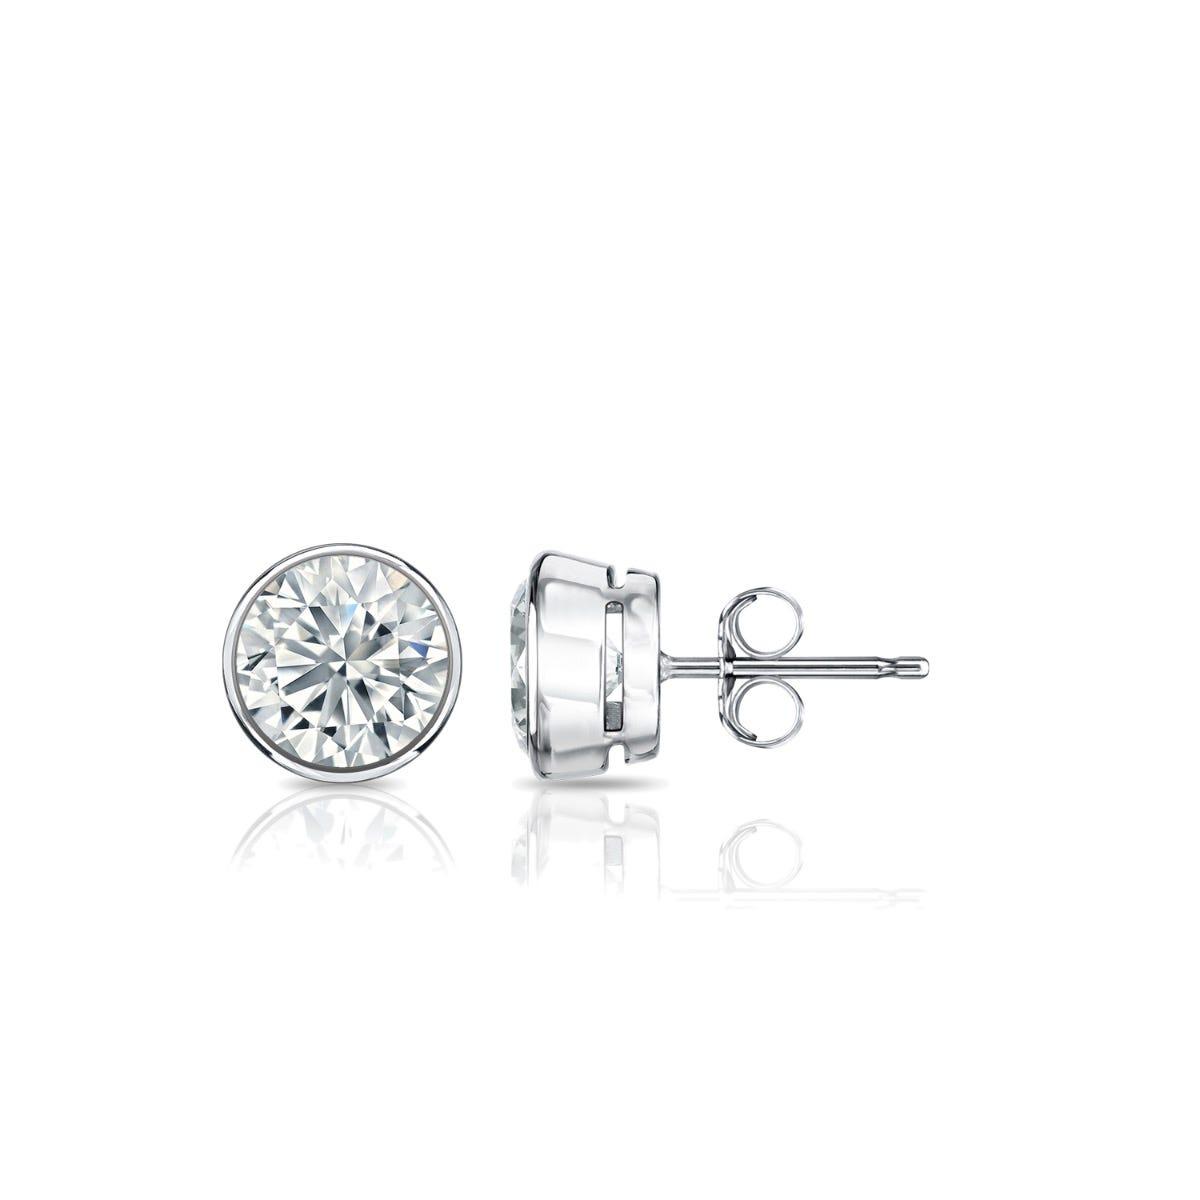 Diamond Round Bezel-Set 5/8ctw. Solitaire Stud (IJ-I2) Earrings in 14K White Gold